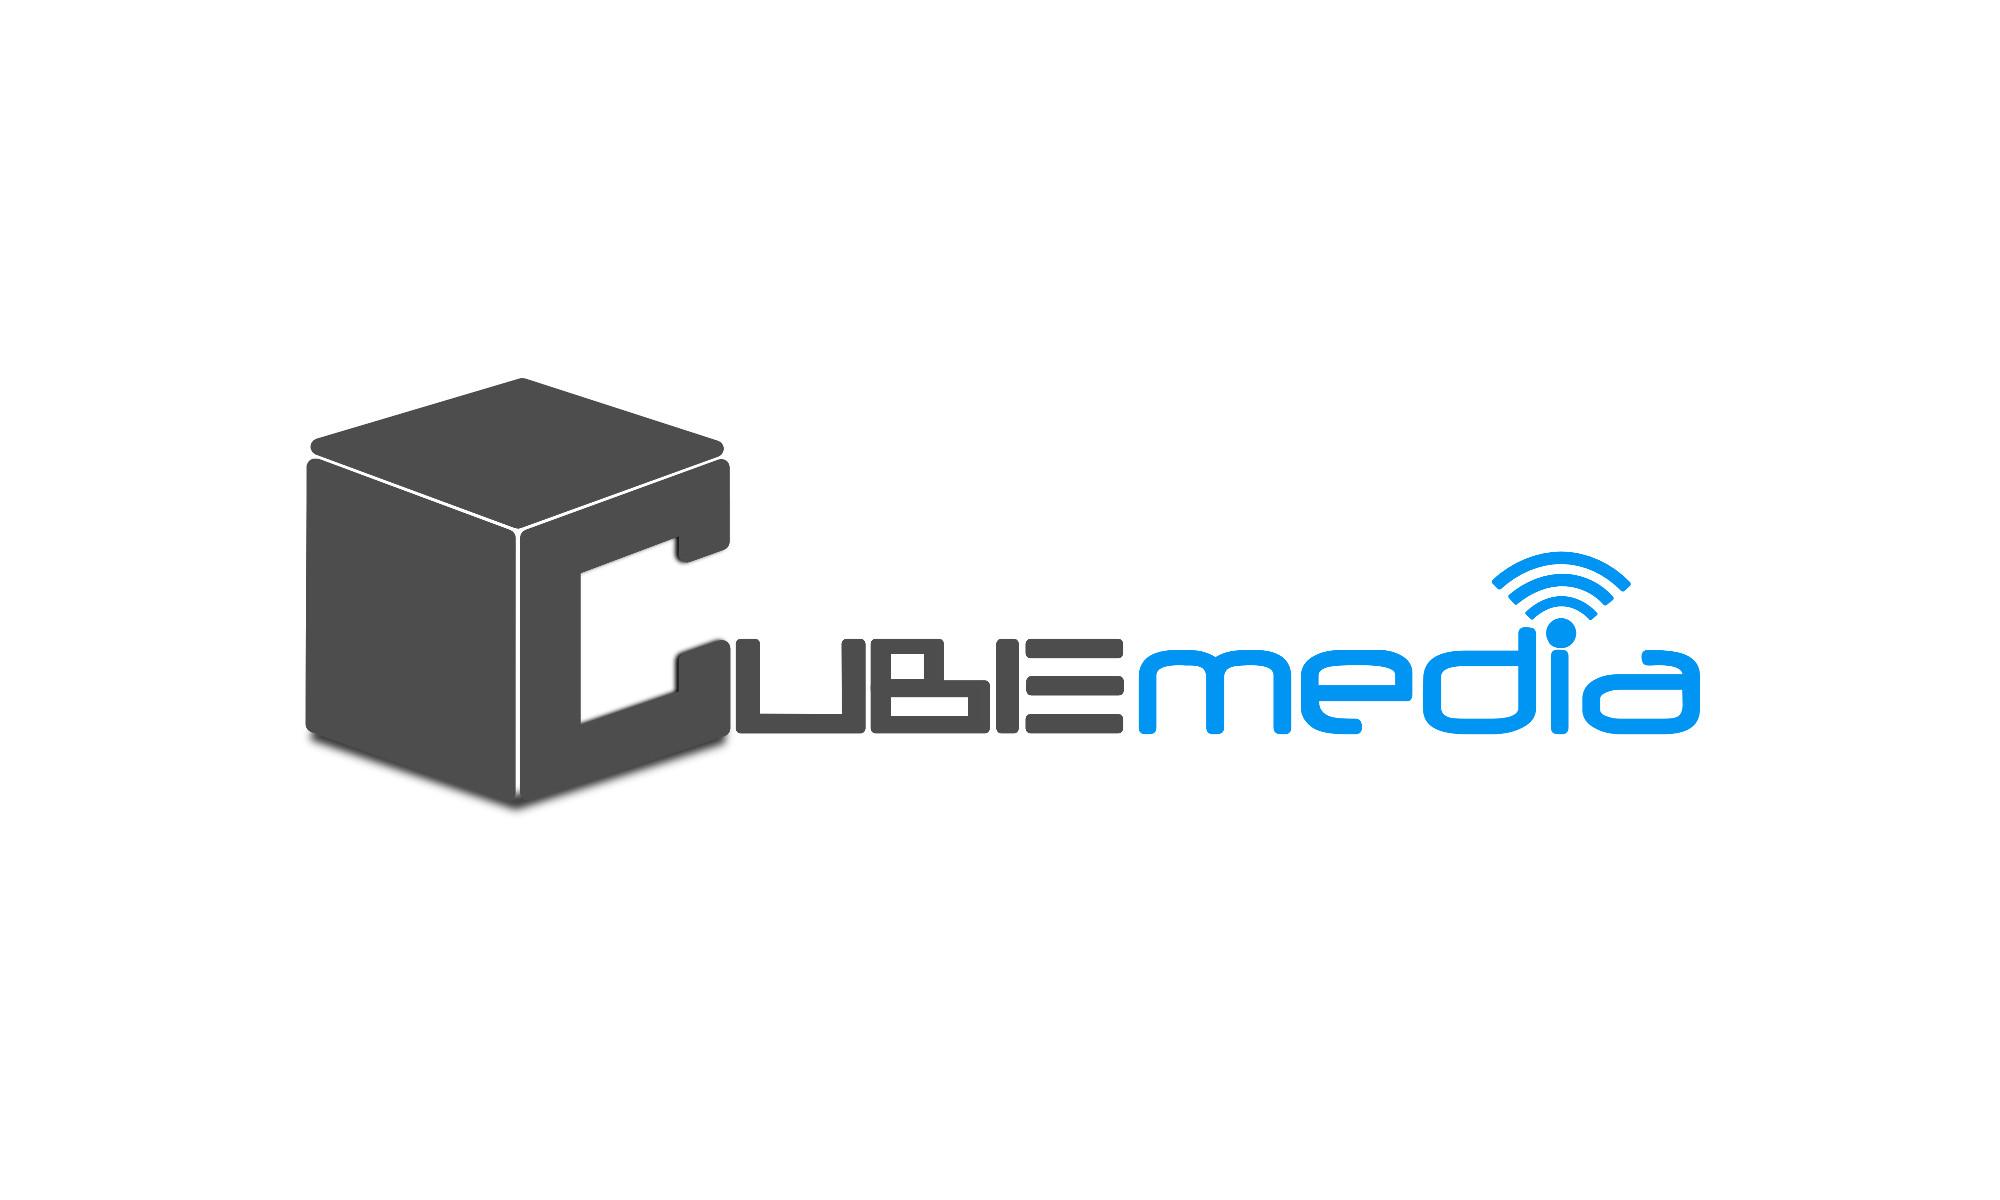 CubieMedia